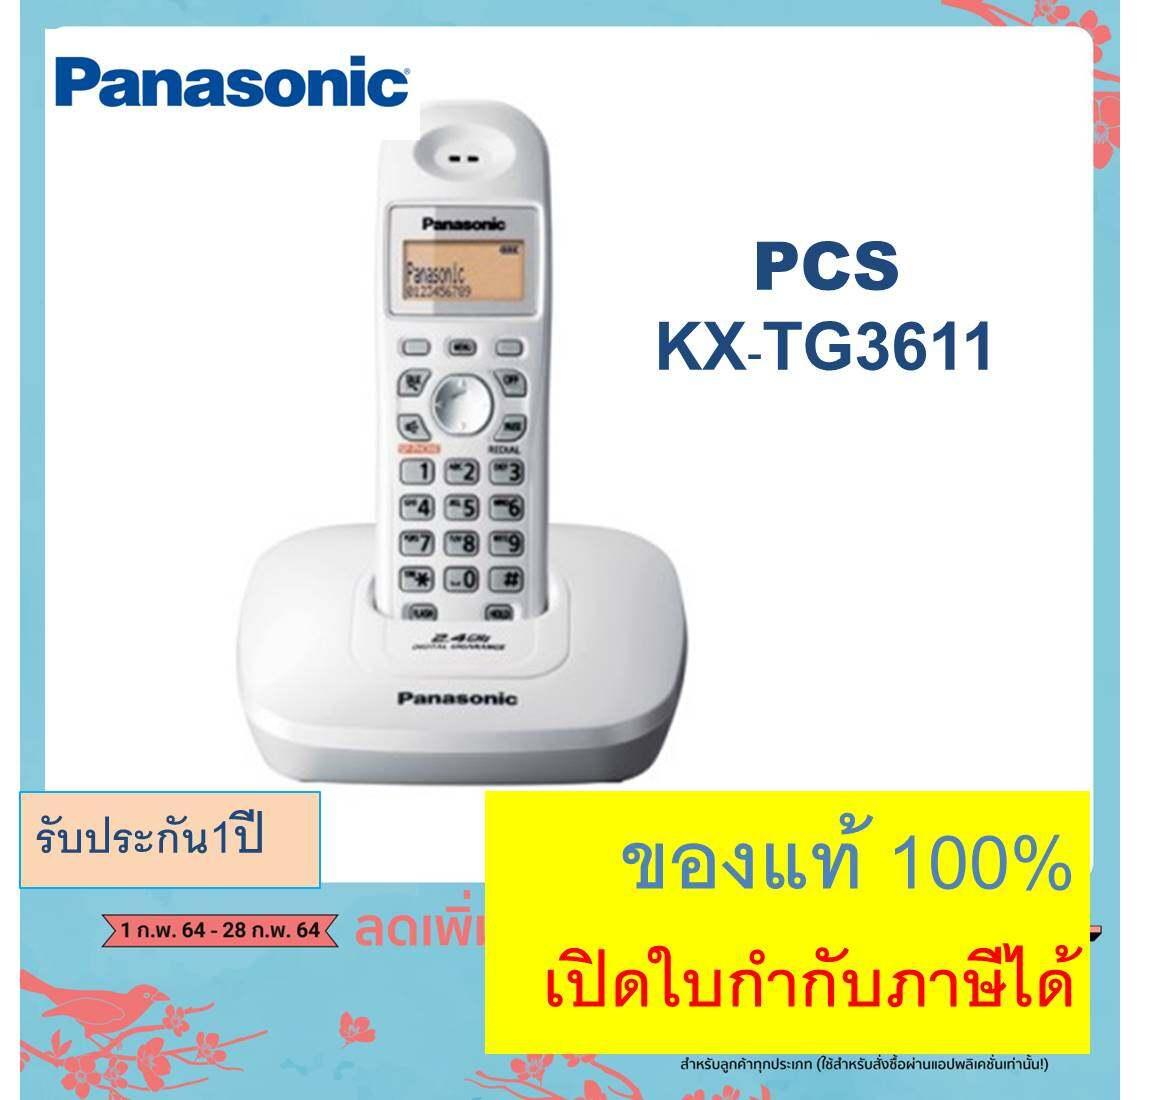 ส่งฟรี-KX-TG3611BX สีดำ/เงิน Panasonic โทรศัพท์ไร้สาย 2.4GHz ราคาถูกมาก โทรศัพ์ท์บ้าน ออฟฟิศ สำนักงาน โรงแรม